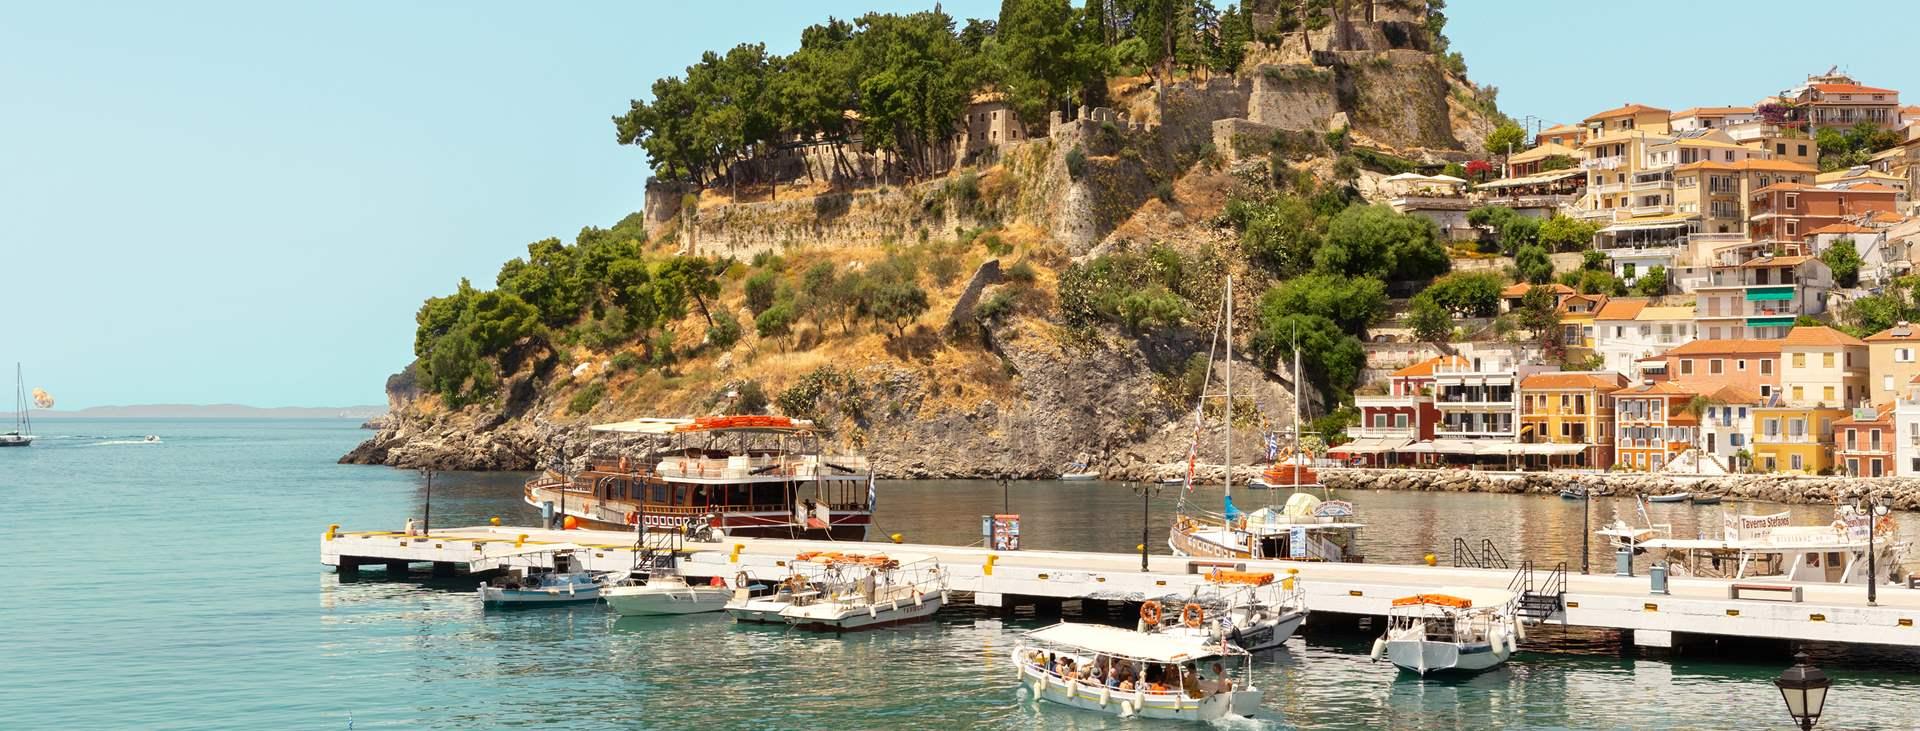 Bestill en reise med Ving til Parga på den greske vestkysten